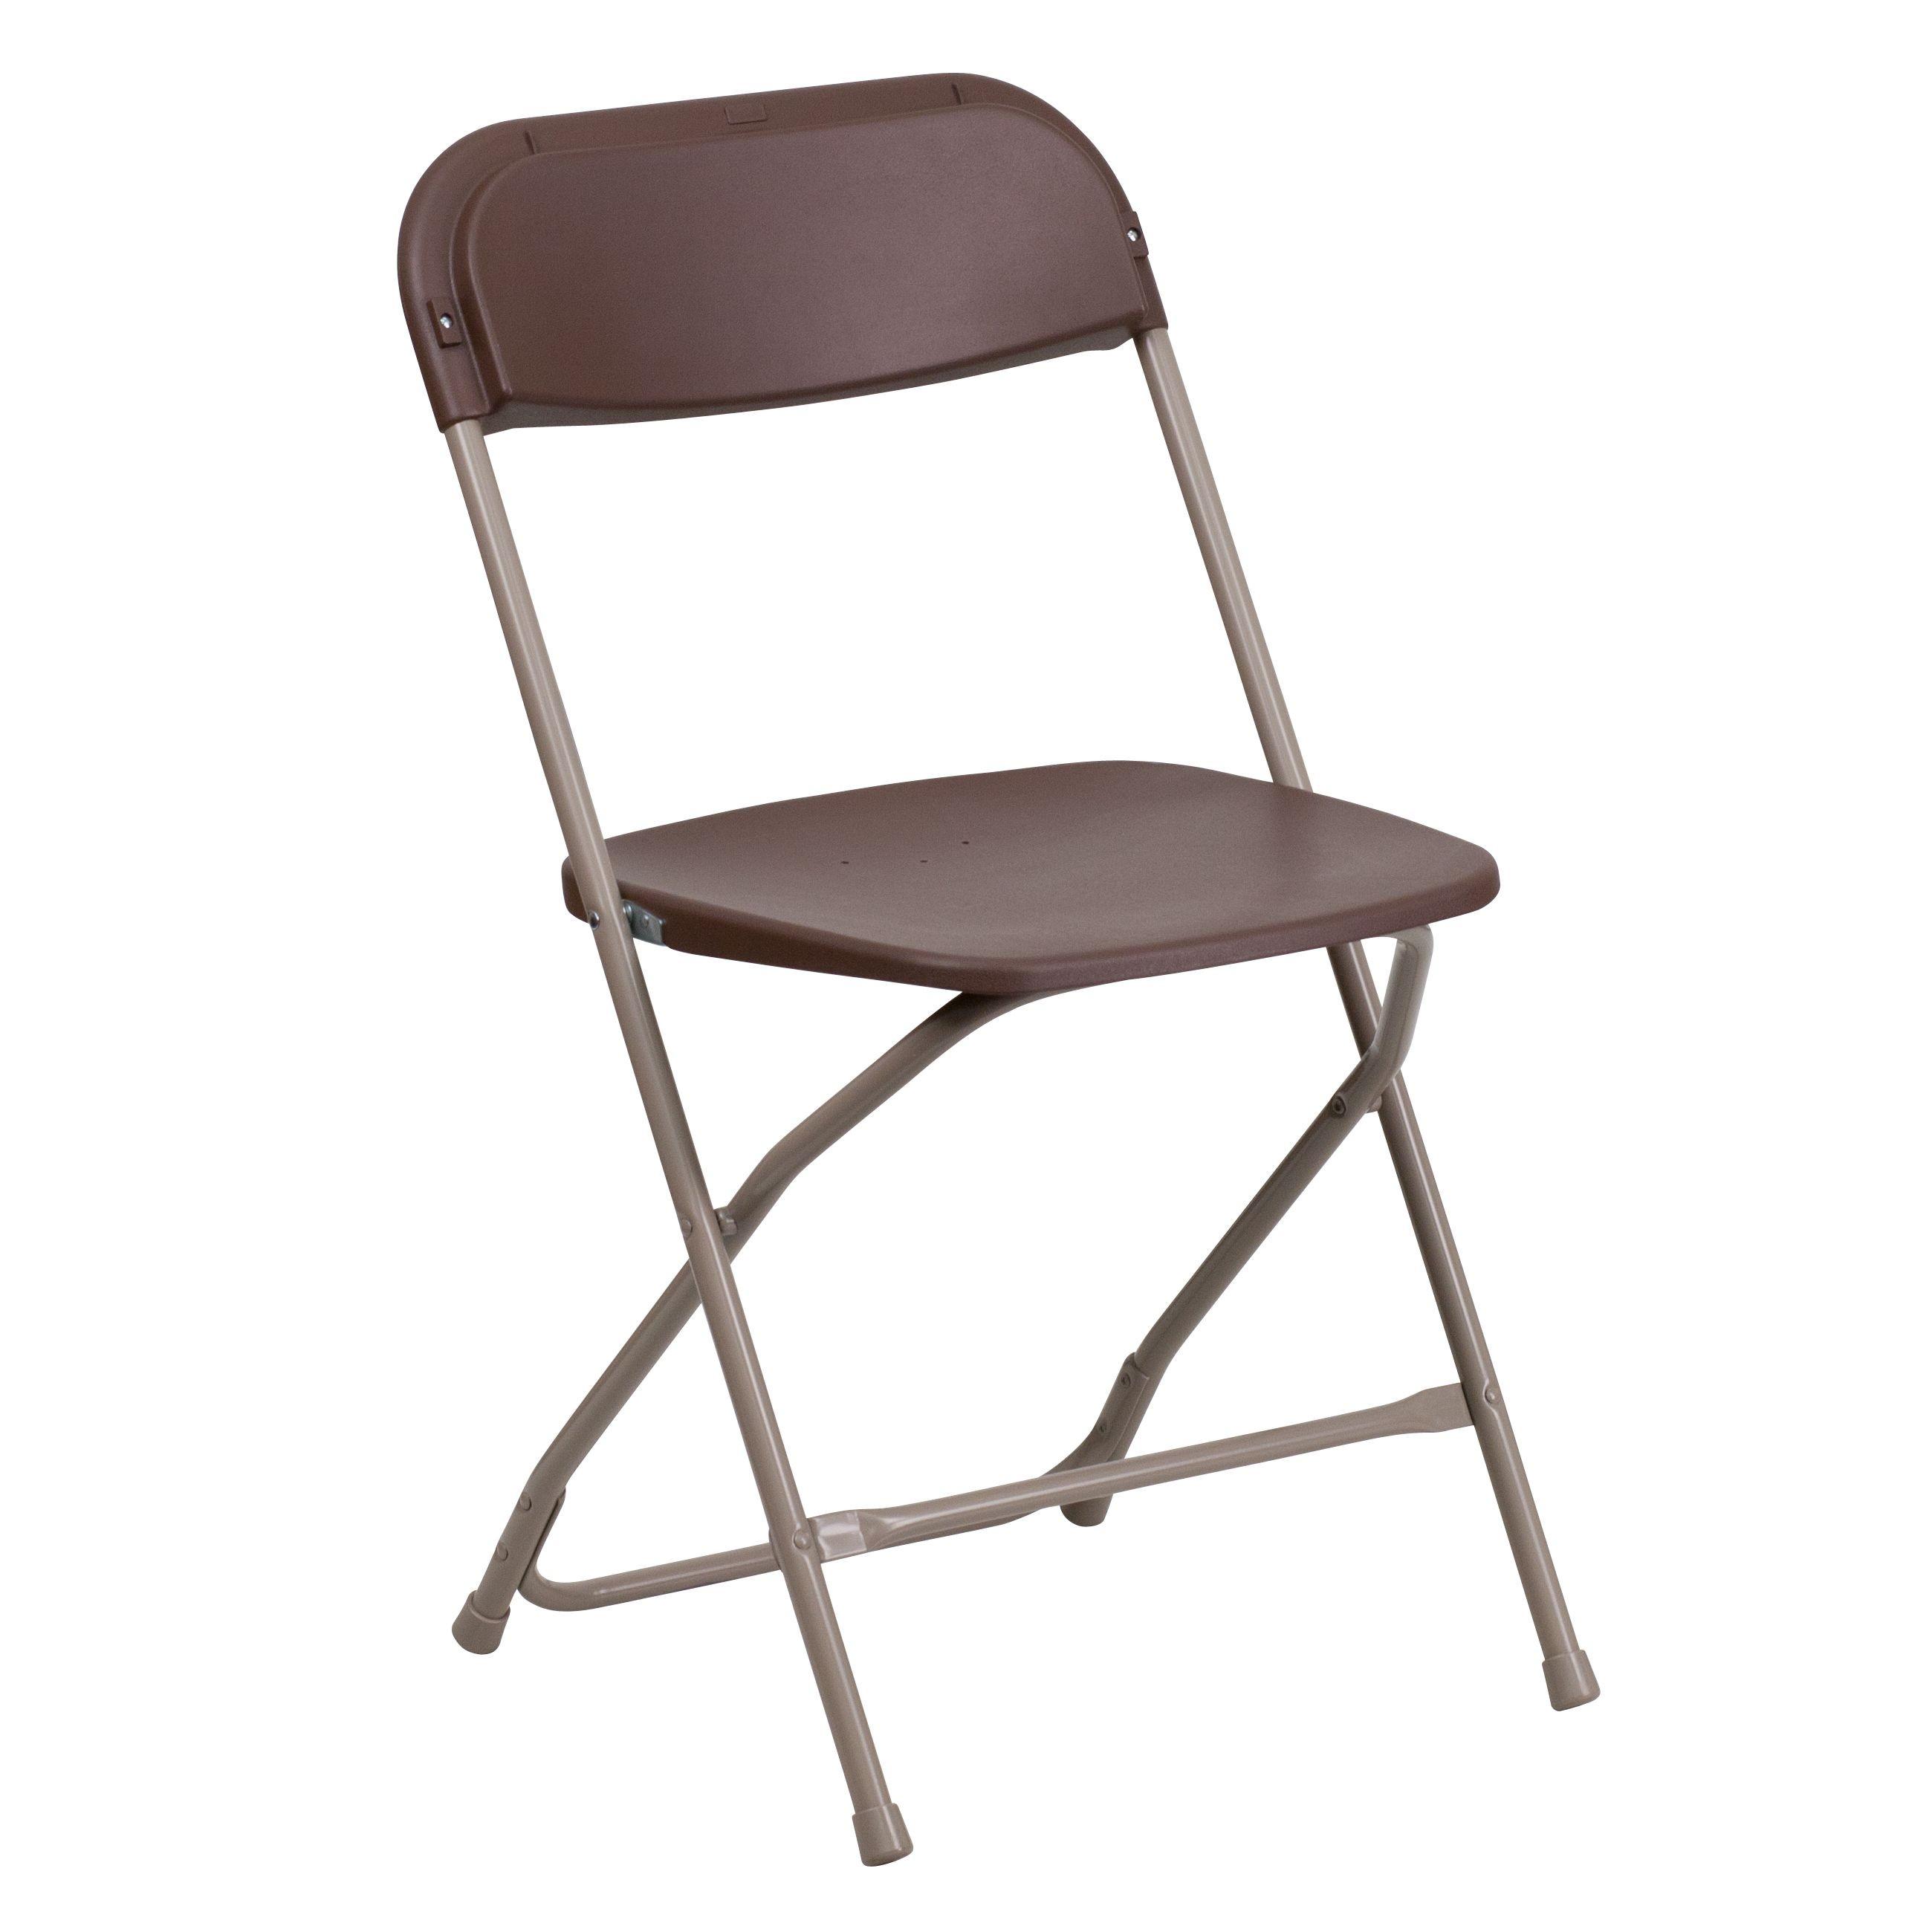 Flash Furniture LE-L-3-BROWN-GG HERCULES Series 800 Lb. Capacity Premium Brown Plastic Folding Chair